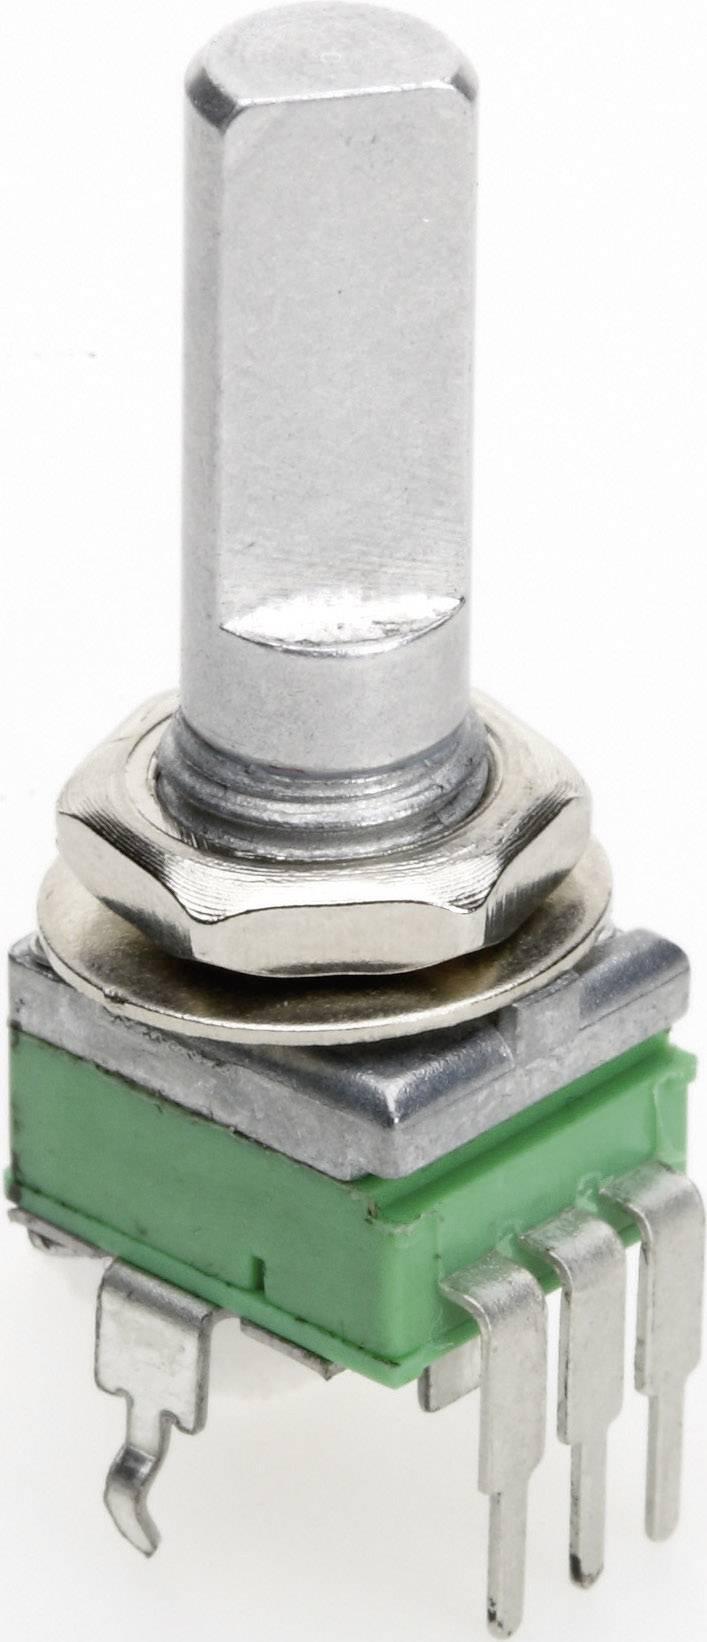 Cermetový potenciometer TT Electro, 4113104960, 50 kΩ, ± 20%